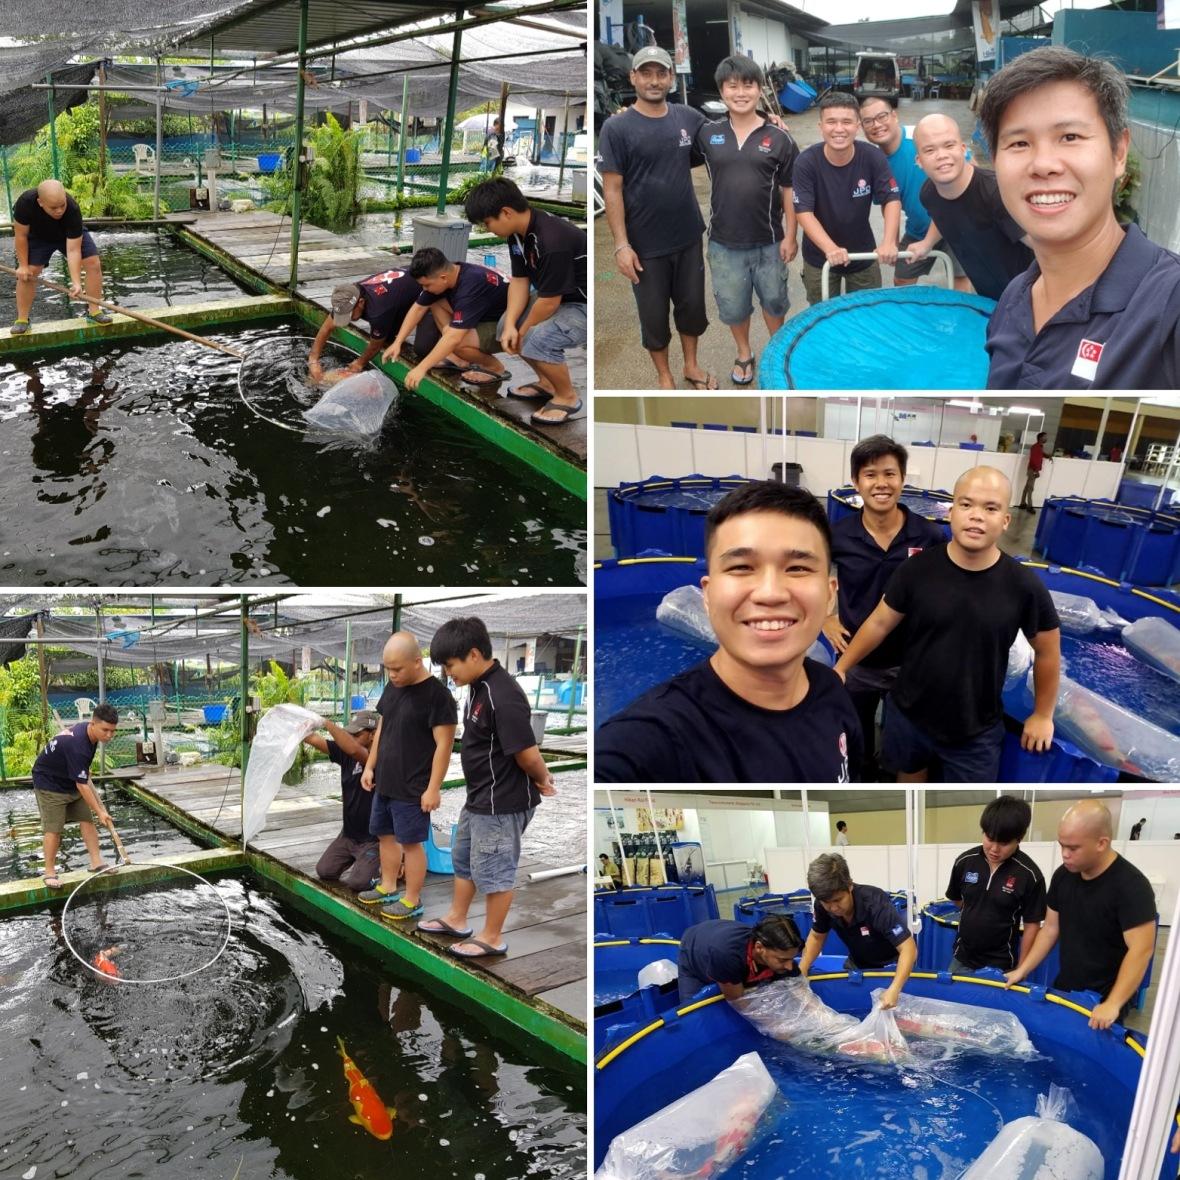 Marugen Koi Farm Vietnam Singapore & Malaysia Attending Singapore Koi Show 2018